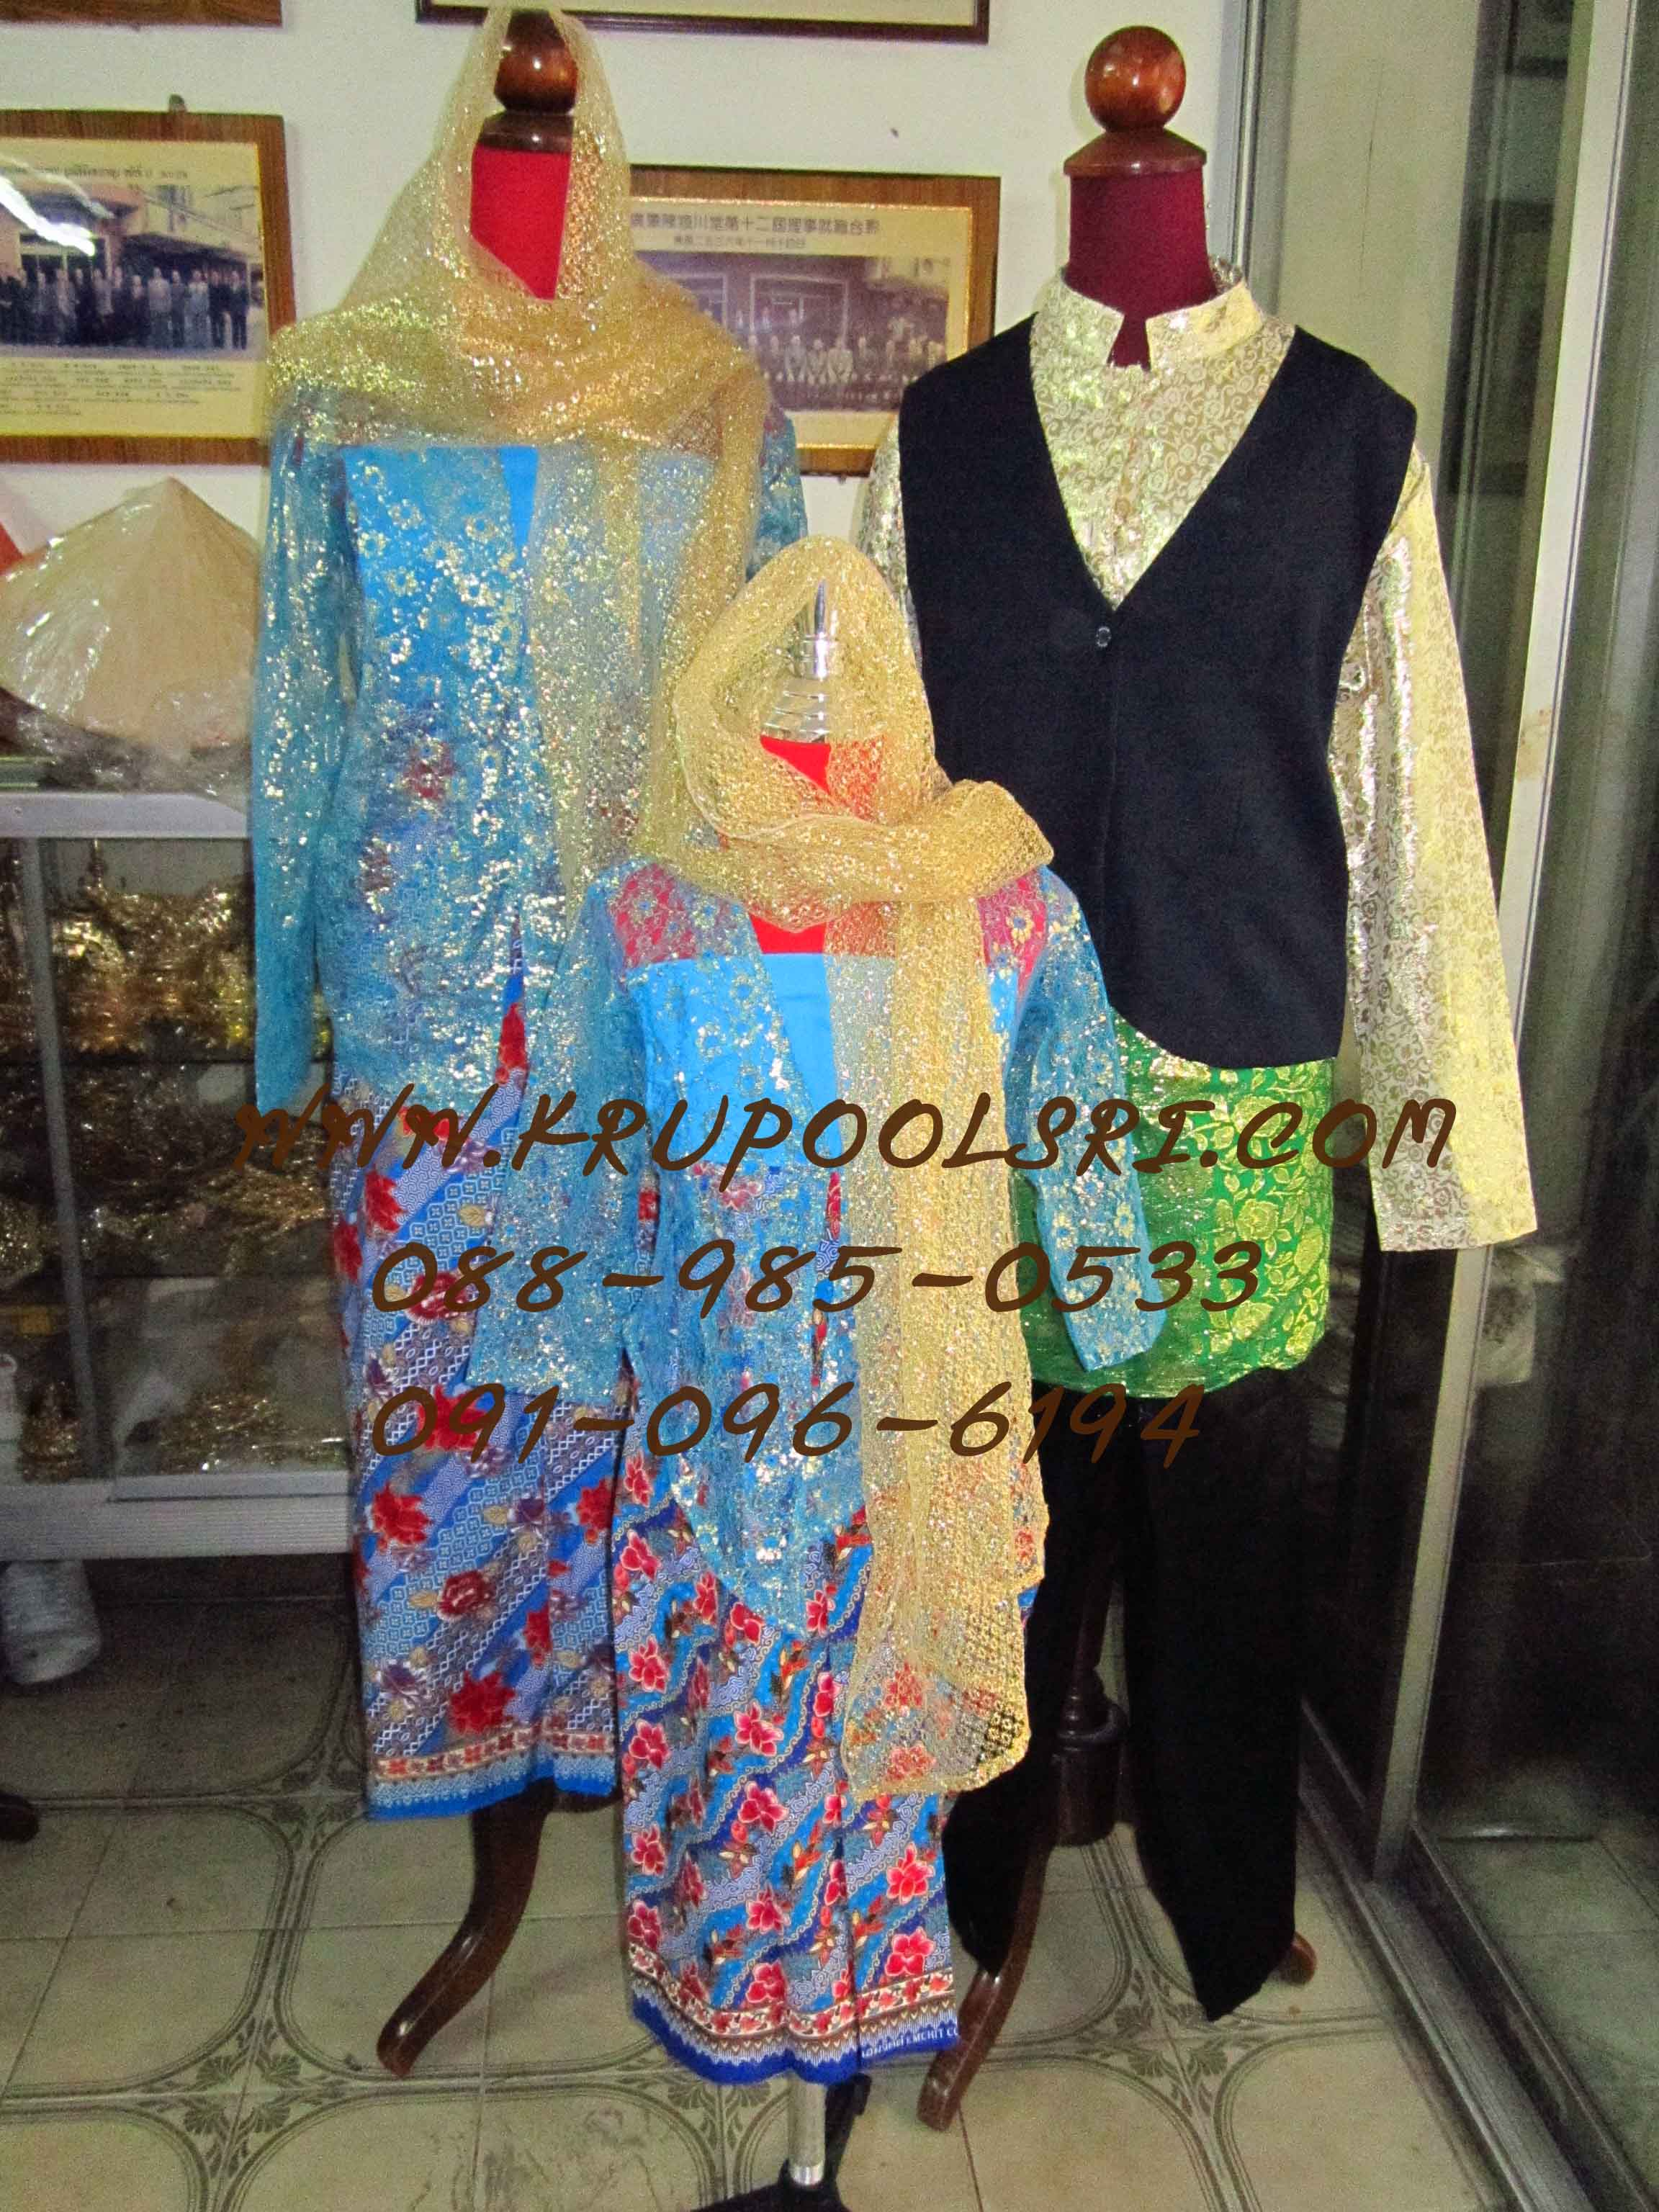 ชุดครอบครัวอาเซียน - อินโดนีเซีย